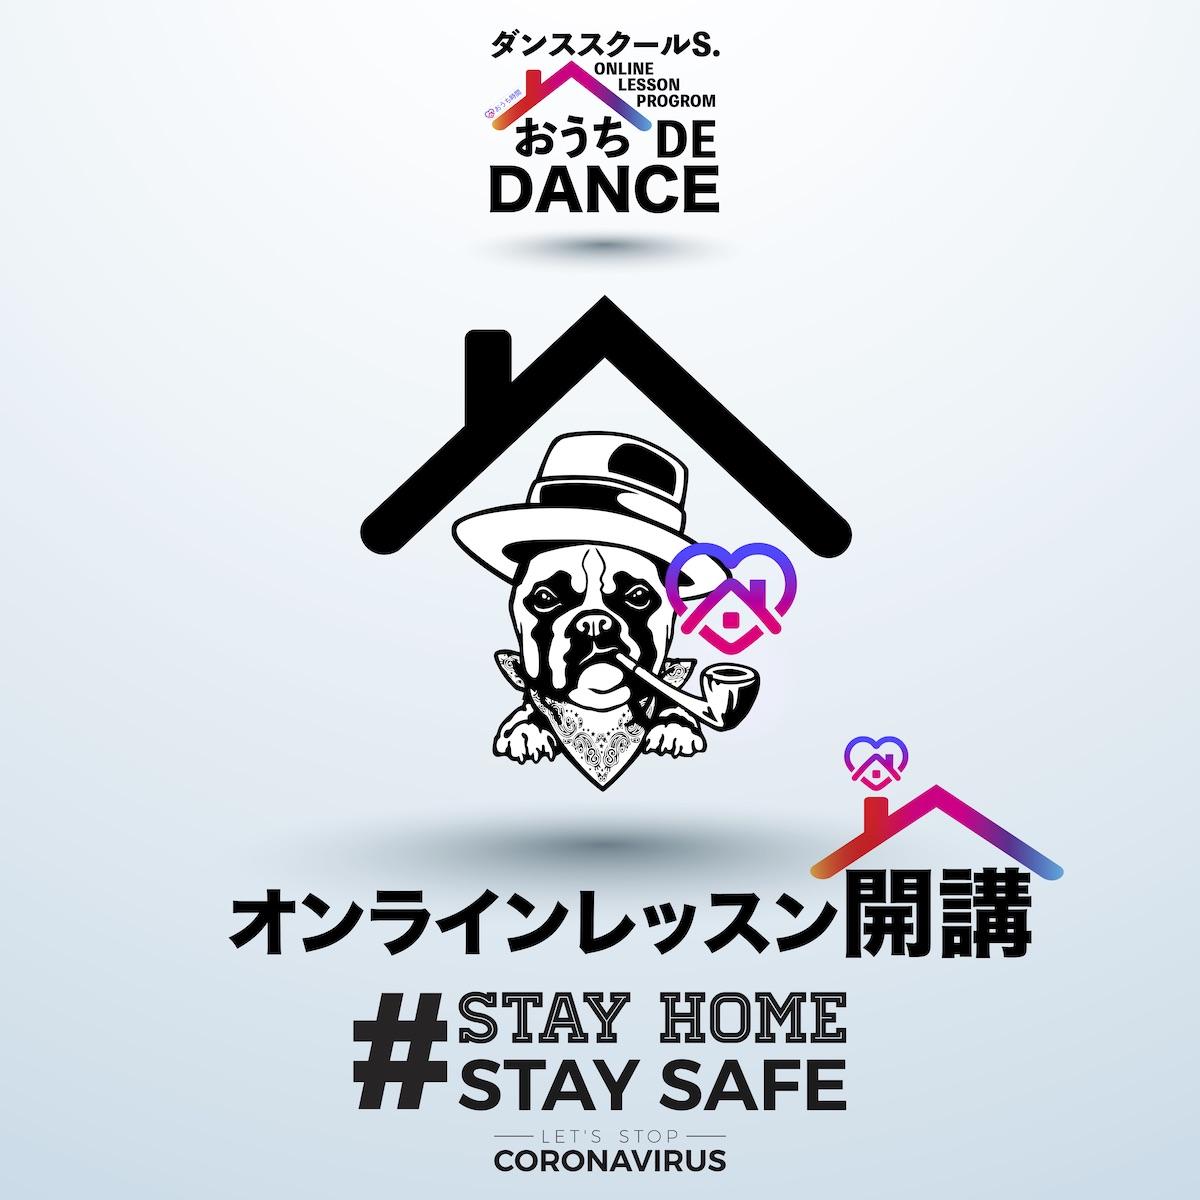 DANCE SCHOOL S.  ONLINE LESSON PROGROM  おうちDE DANCE 開校します!